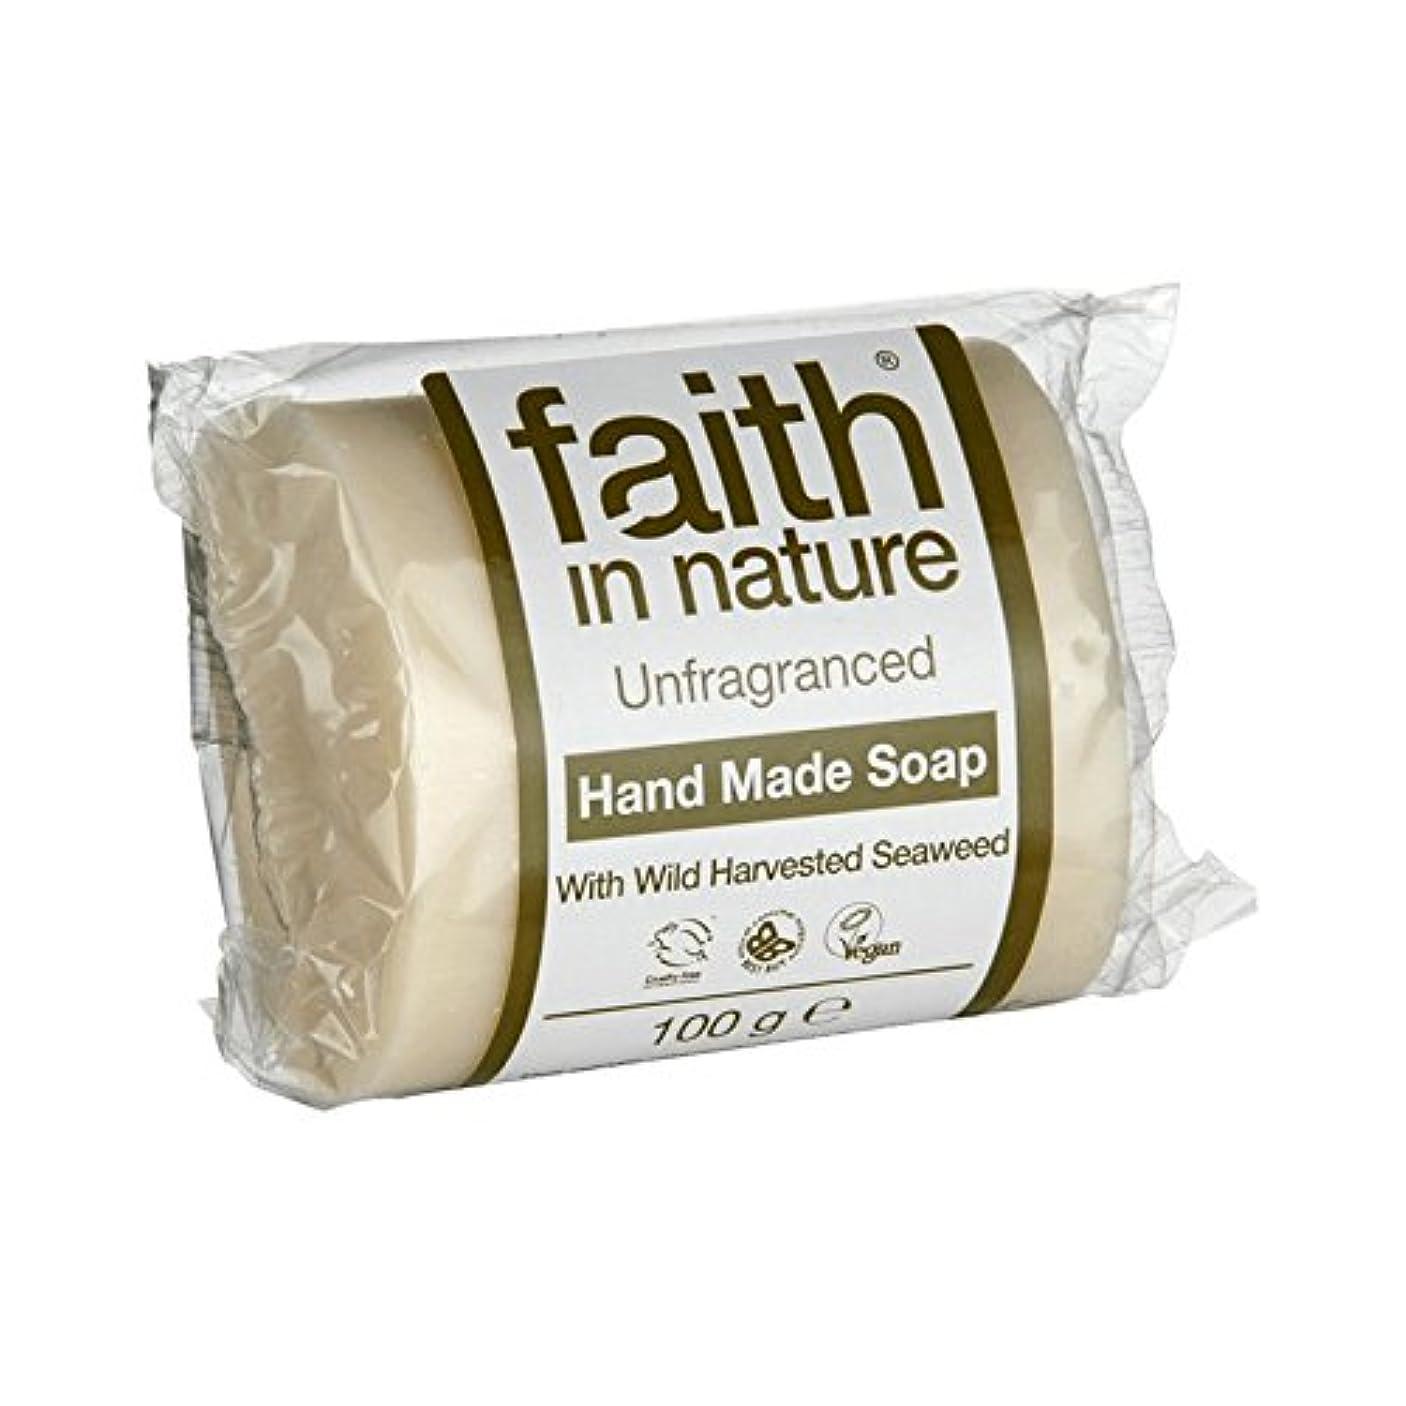 頭蓋骨アンペア発症自然無香料海藻石鹸100グラムの信仰 - Faith in Nature Unfragranced Seaweed Soap 100g (Faith in Nature) [並行輸入品]